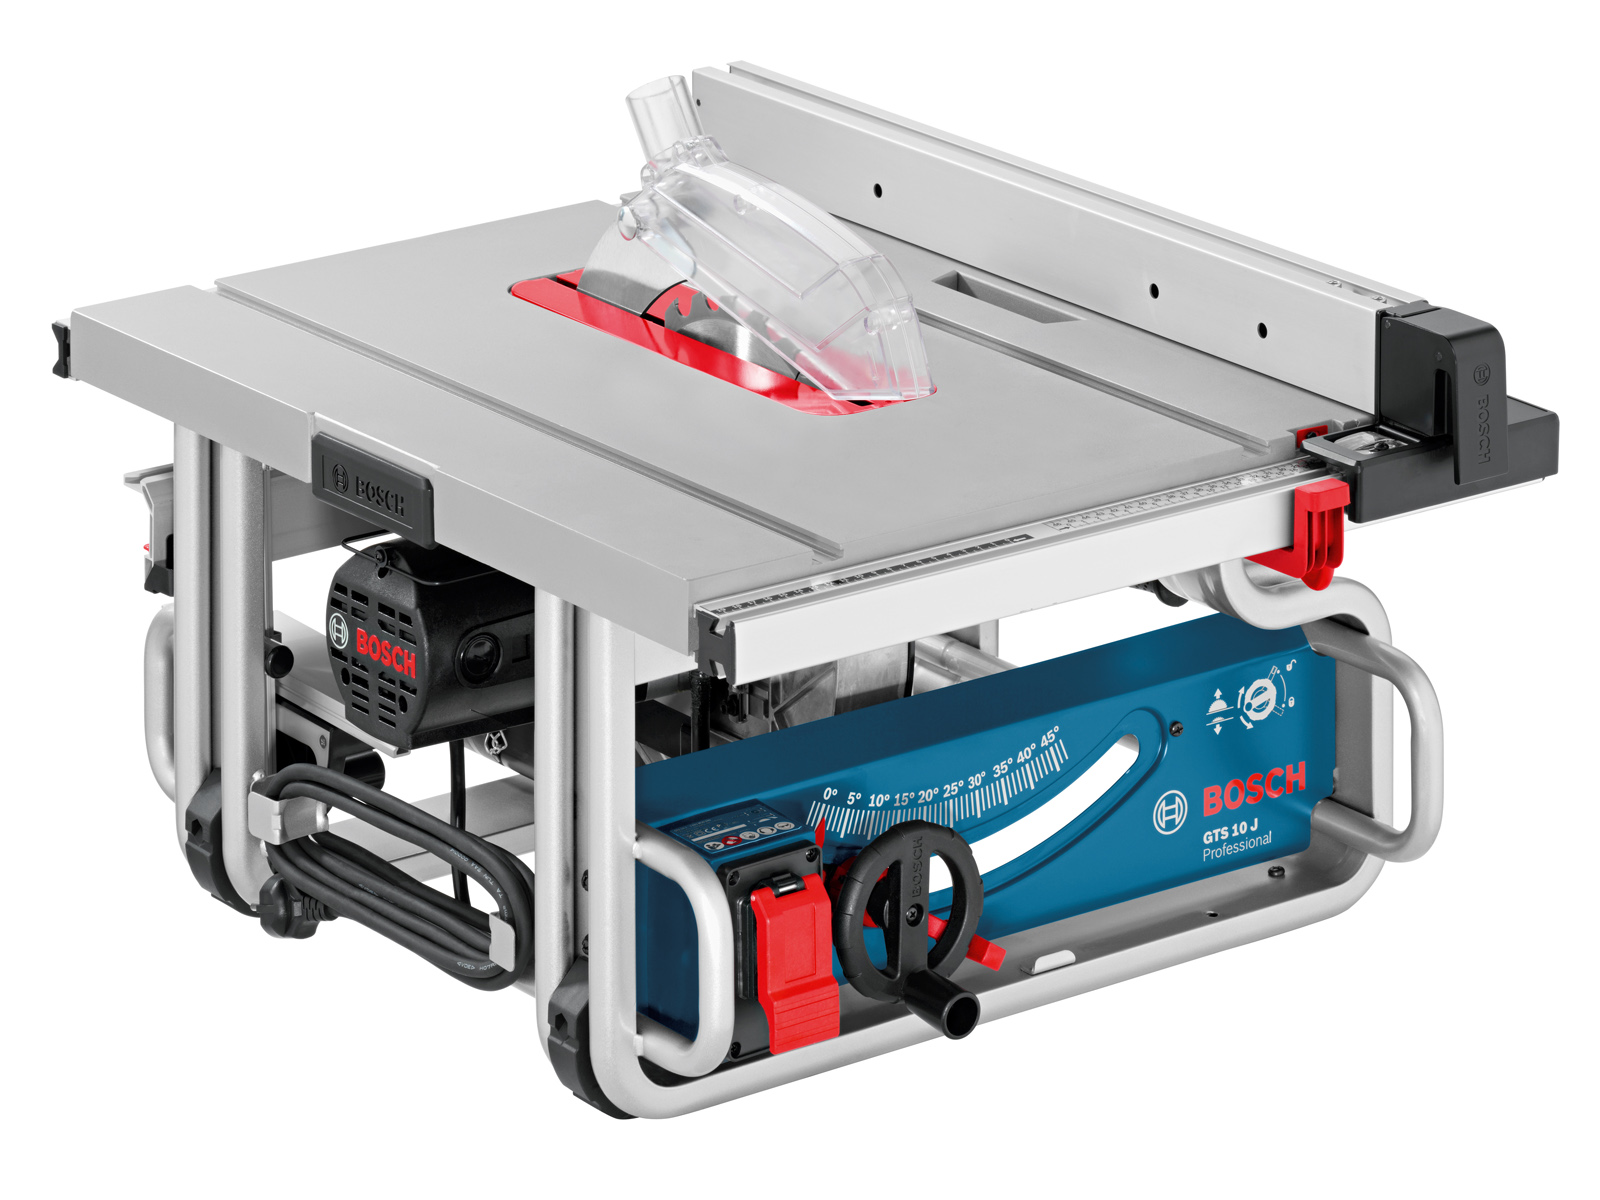 Станок циркулярный Bosch Gts 10 j